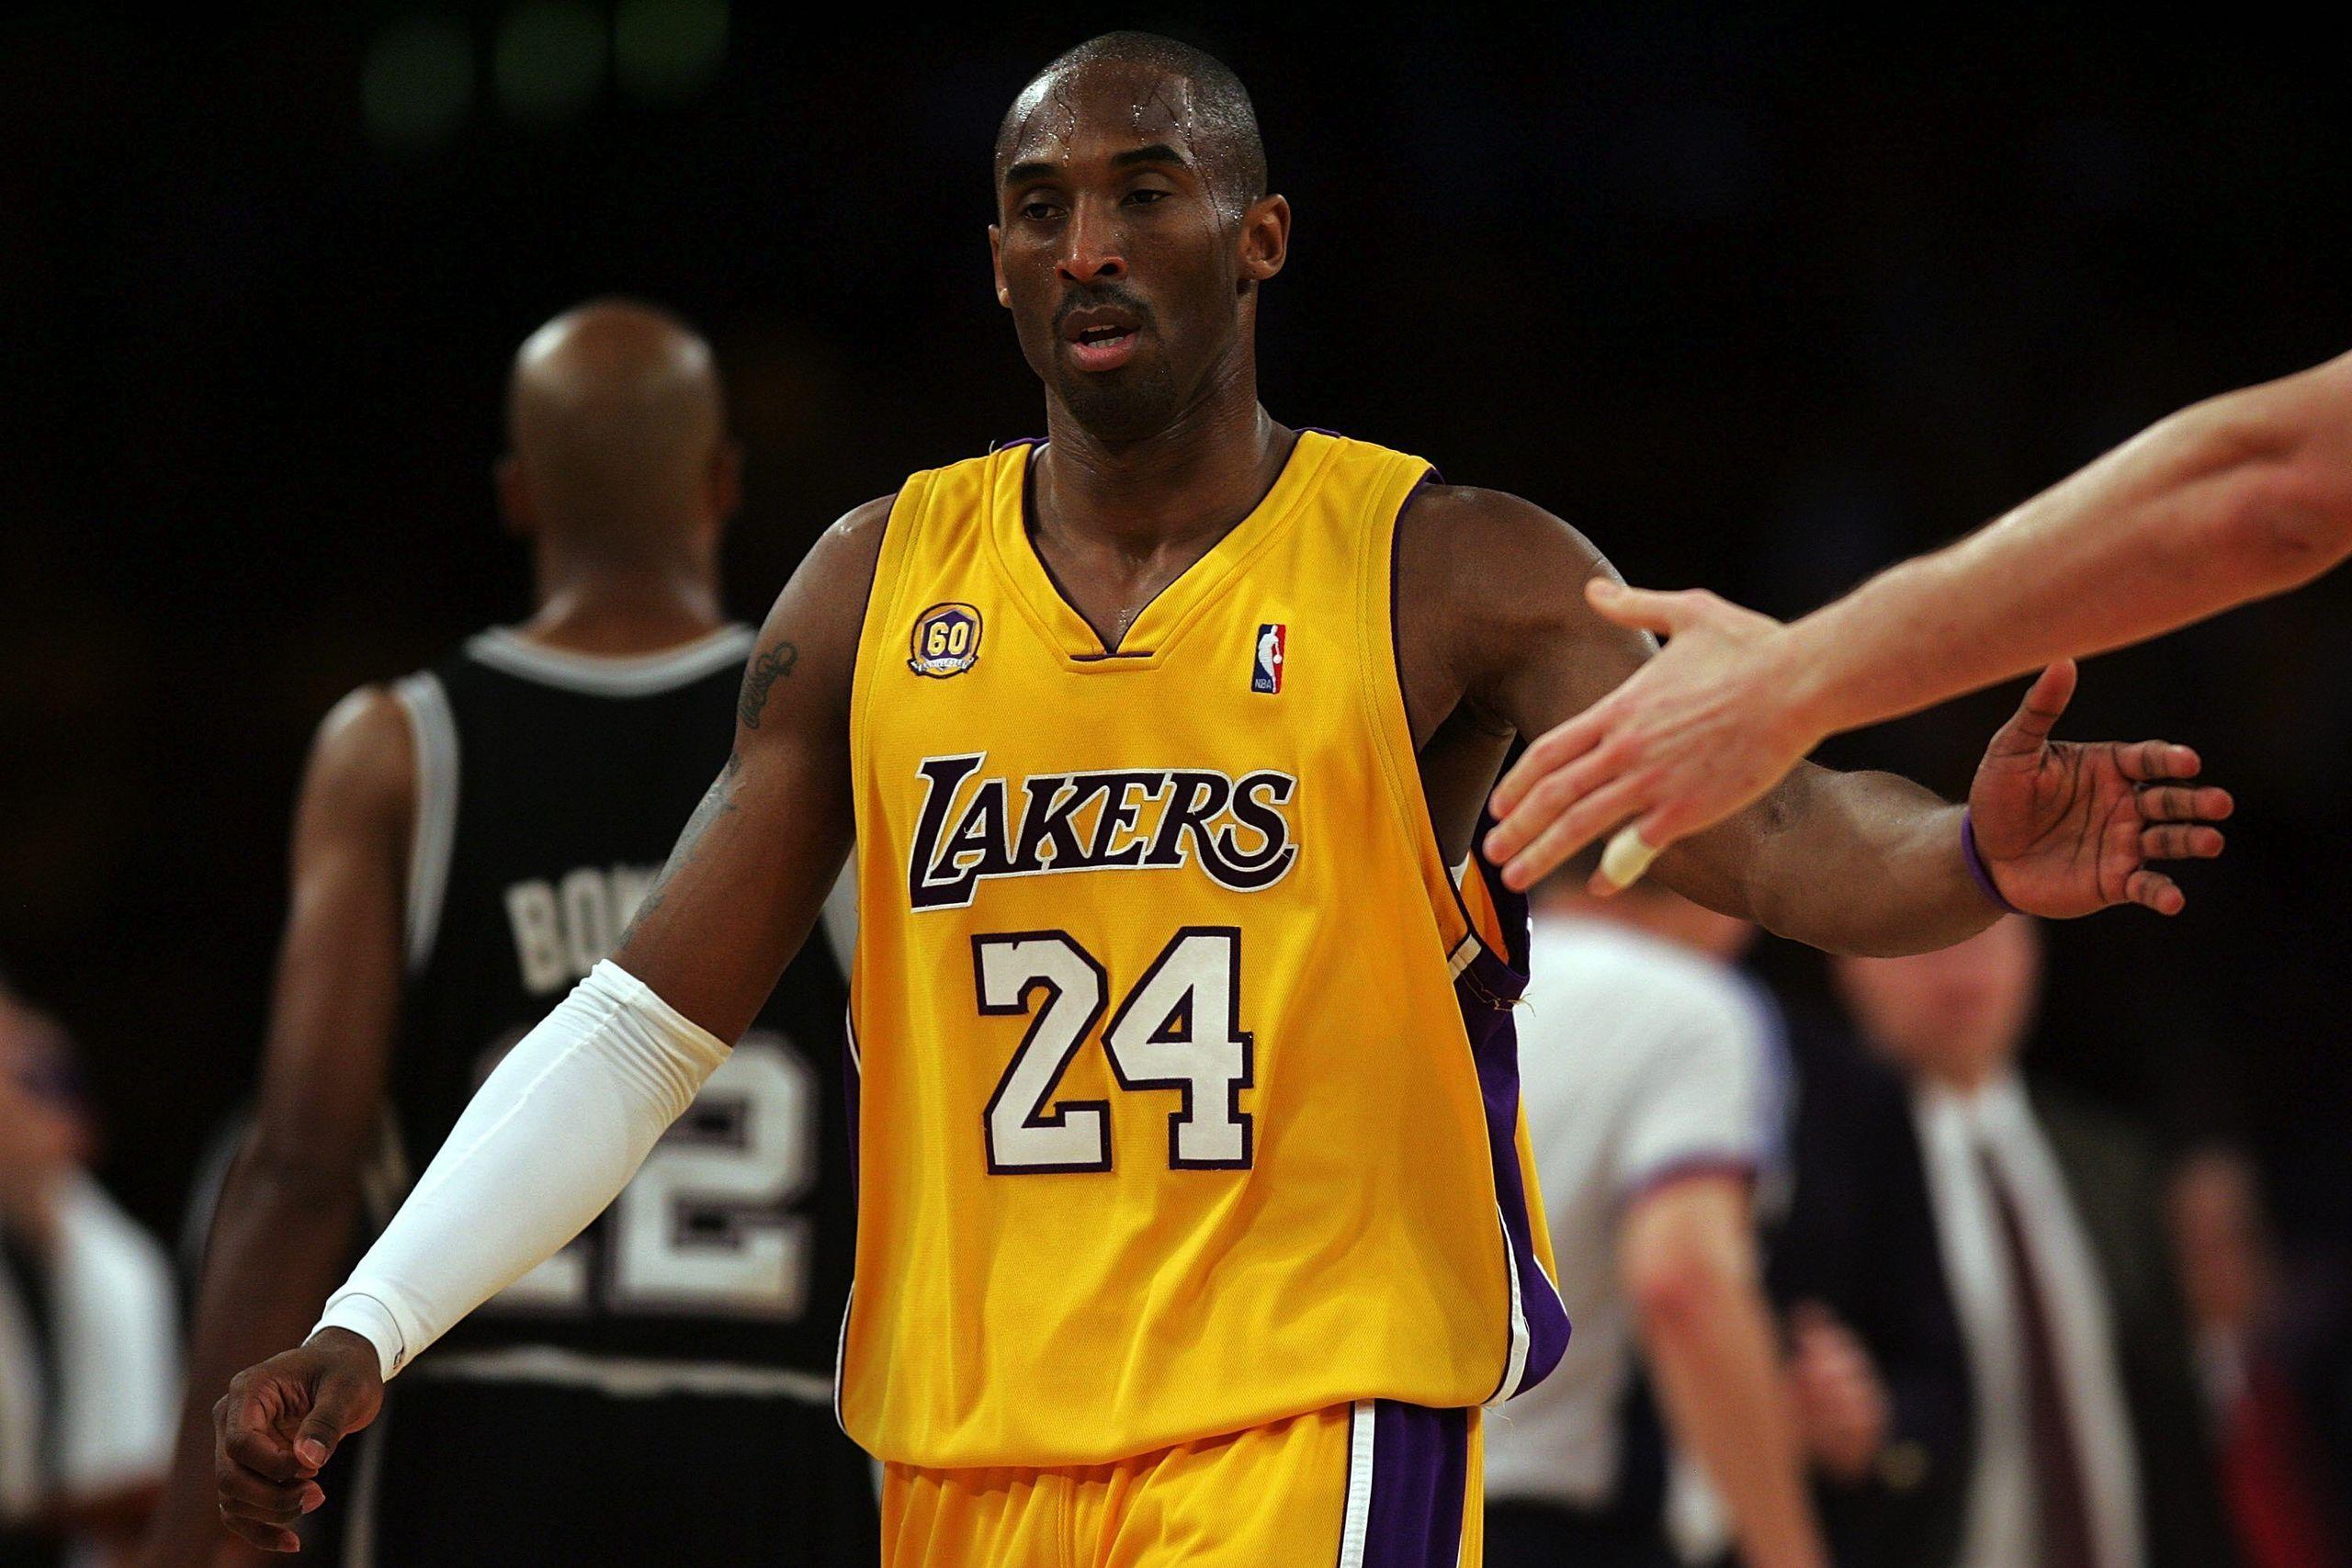 Kobe Bryant kobe bryant